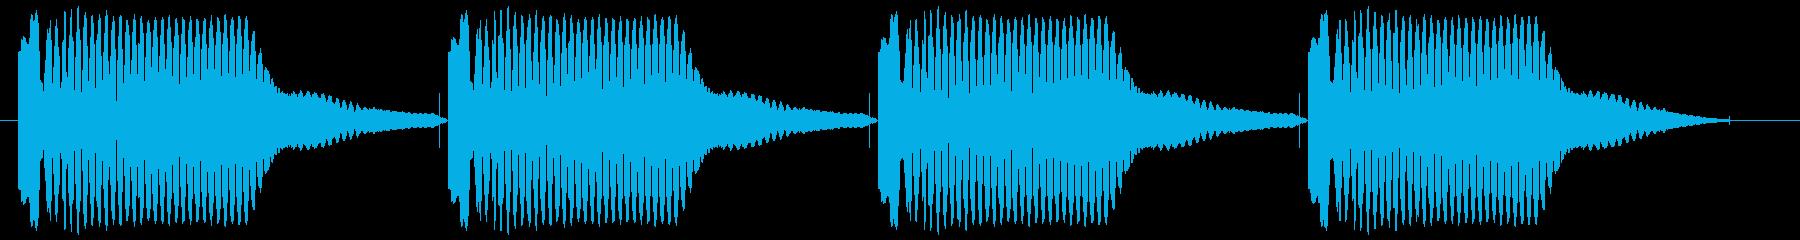 機械等が故障や警告時の音ですの再生済みの波形